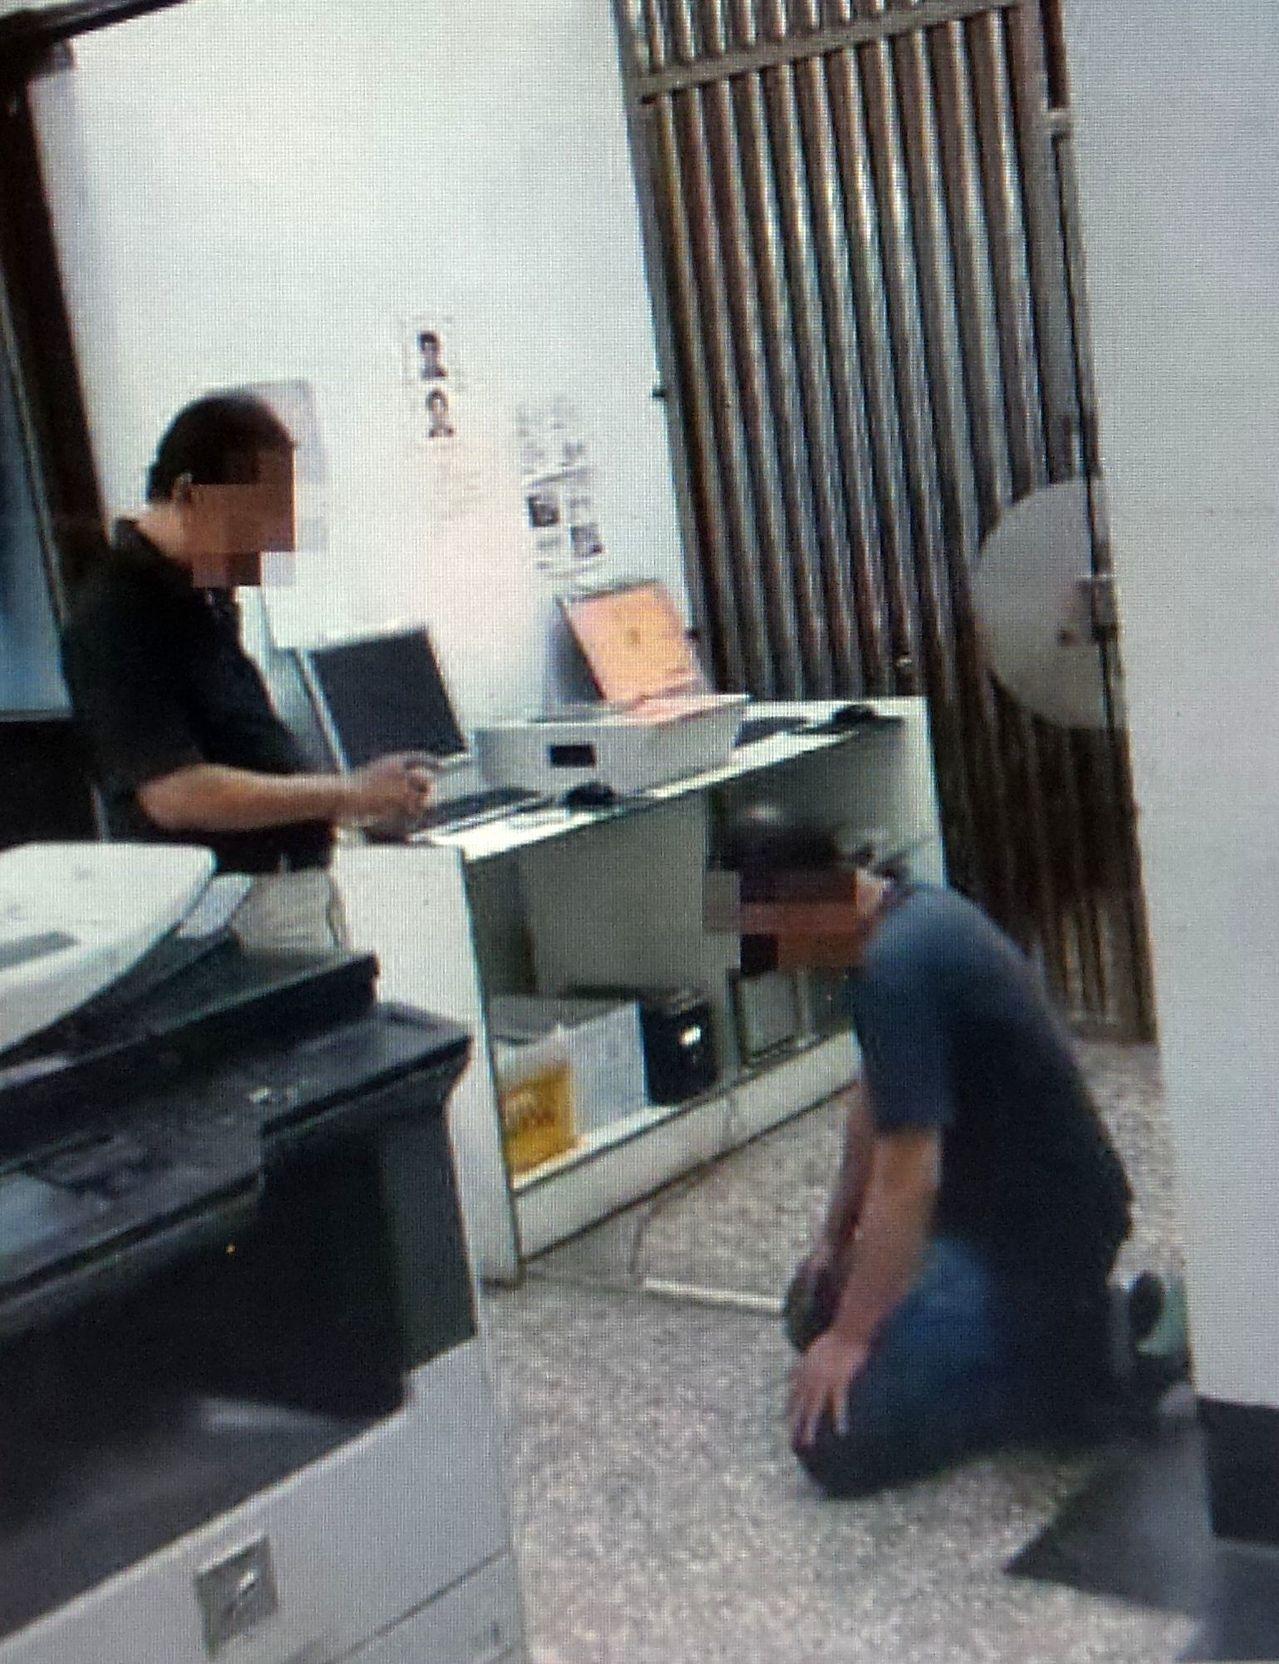 康姓男子(右)涉毒被捕,下跪受父親指責「講不聽!」。記者林保光/翻攝